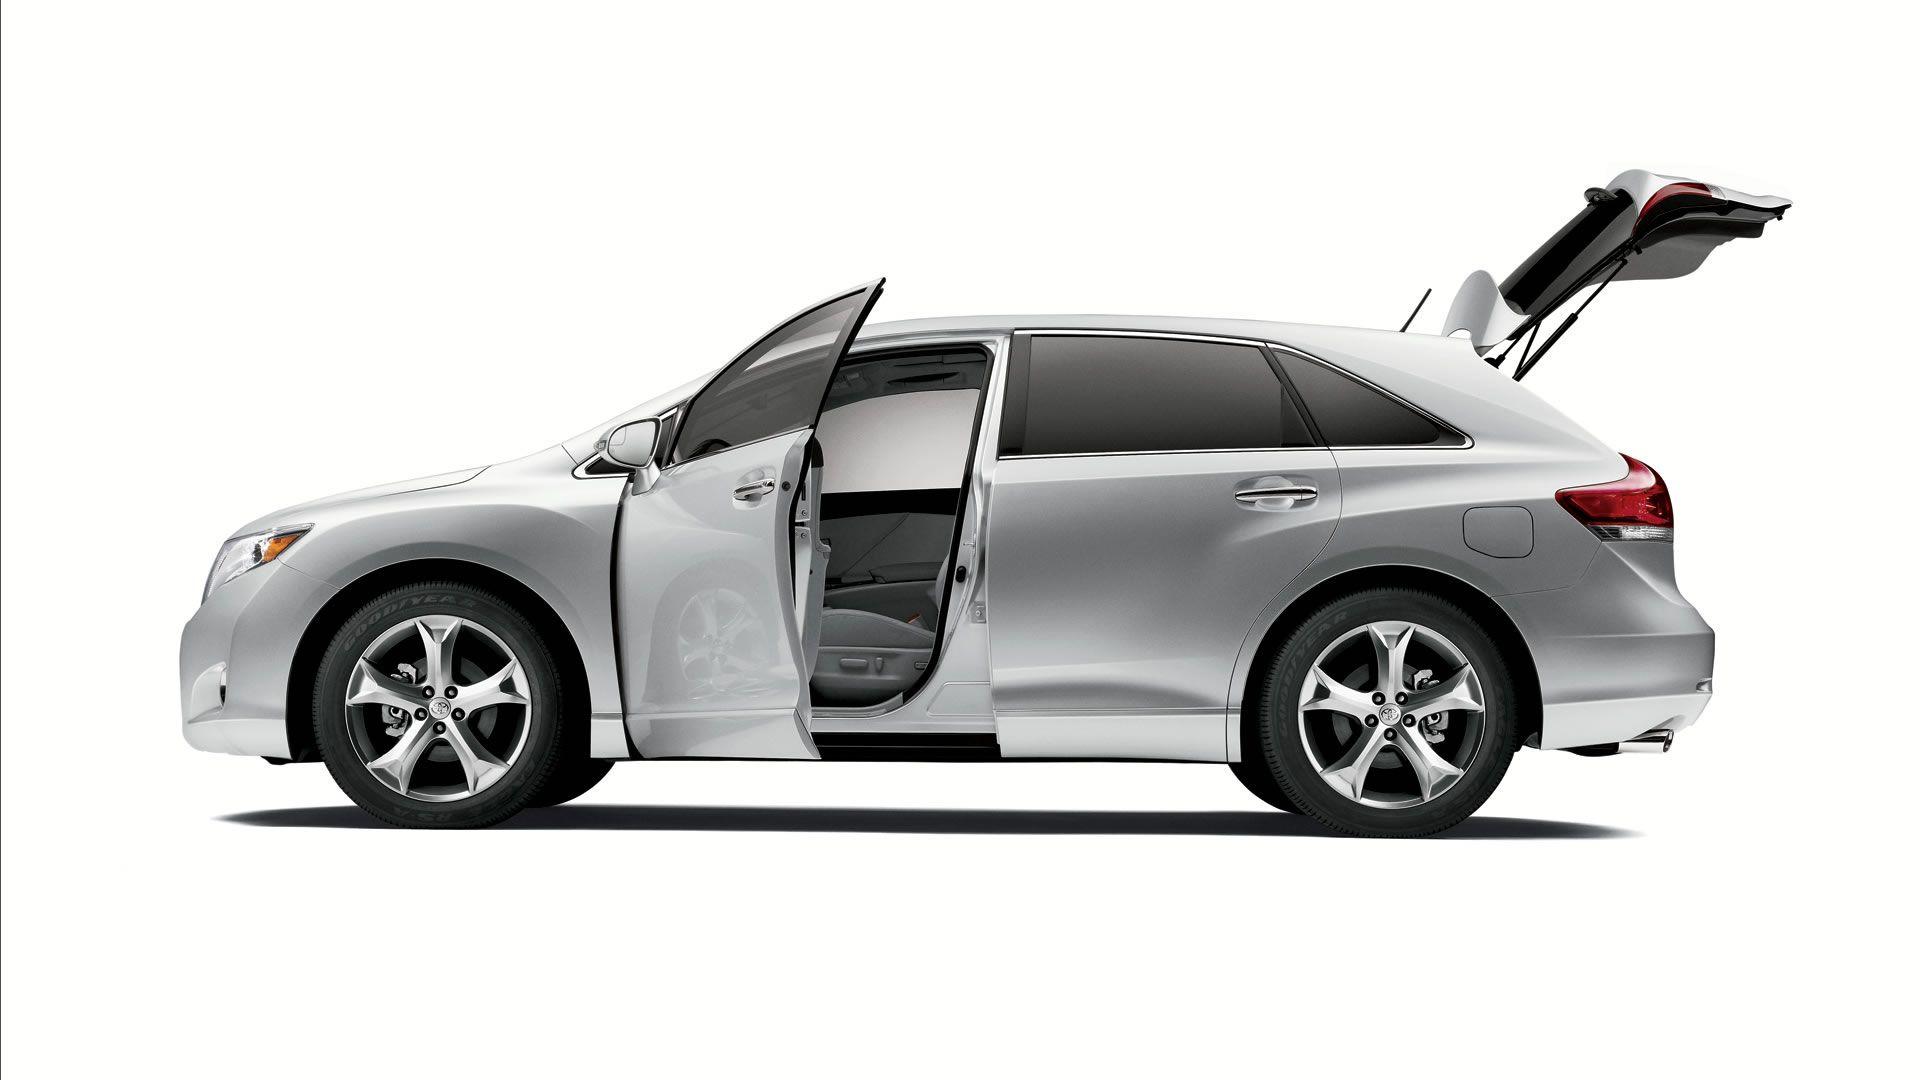 venza silver open trunk 1920—1080 Auto Ansichten